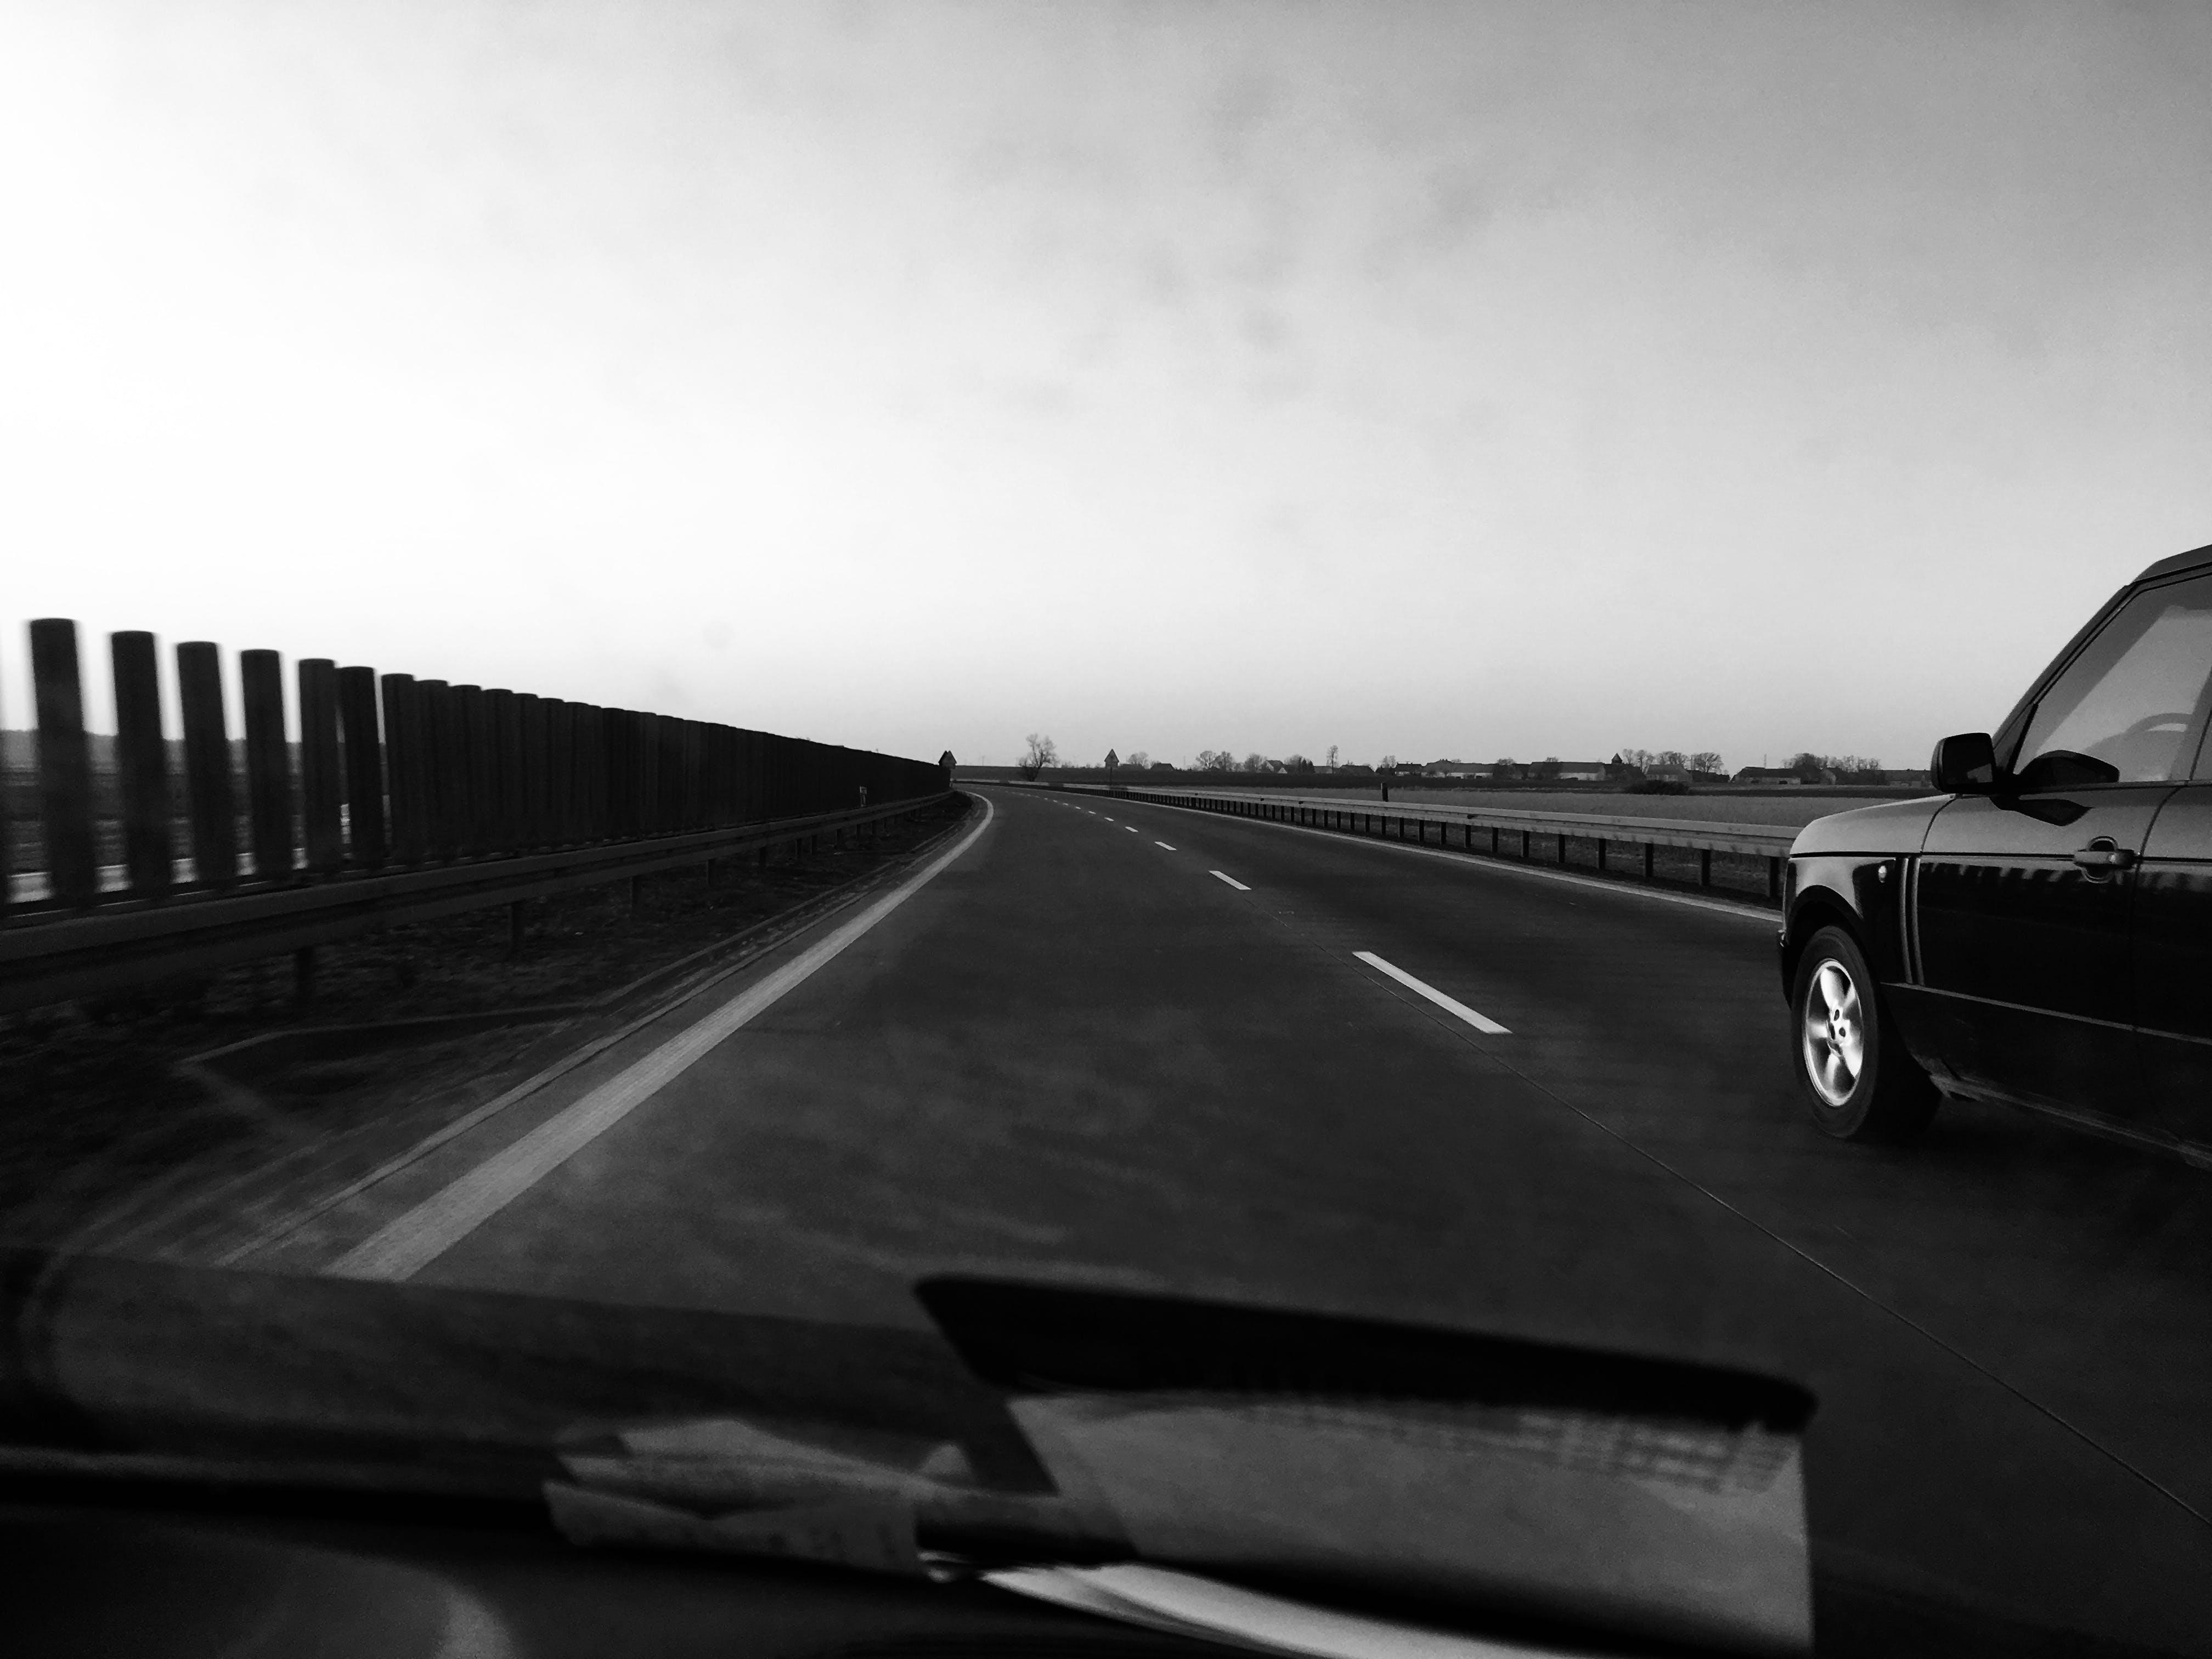 Kostenloses Stock Foto zu abenteuer, asphalt, autobahn, autos